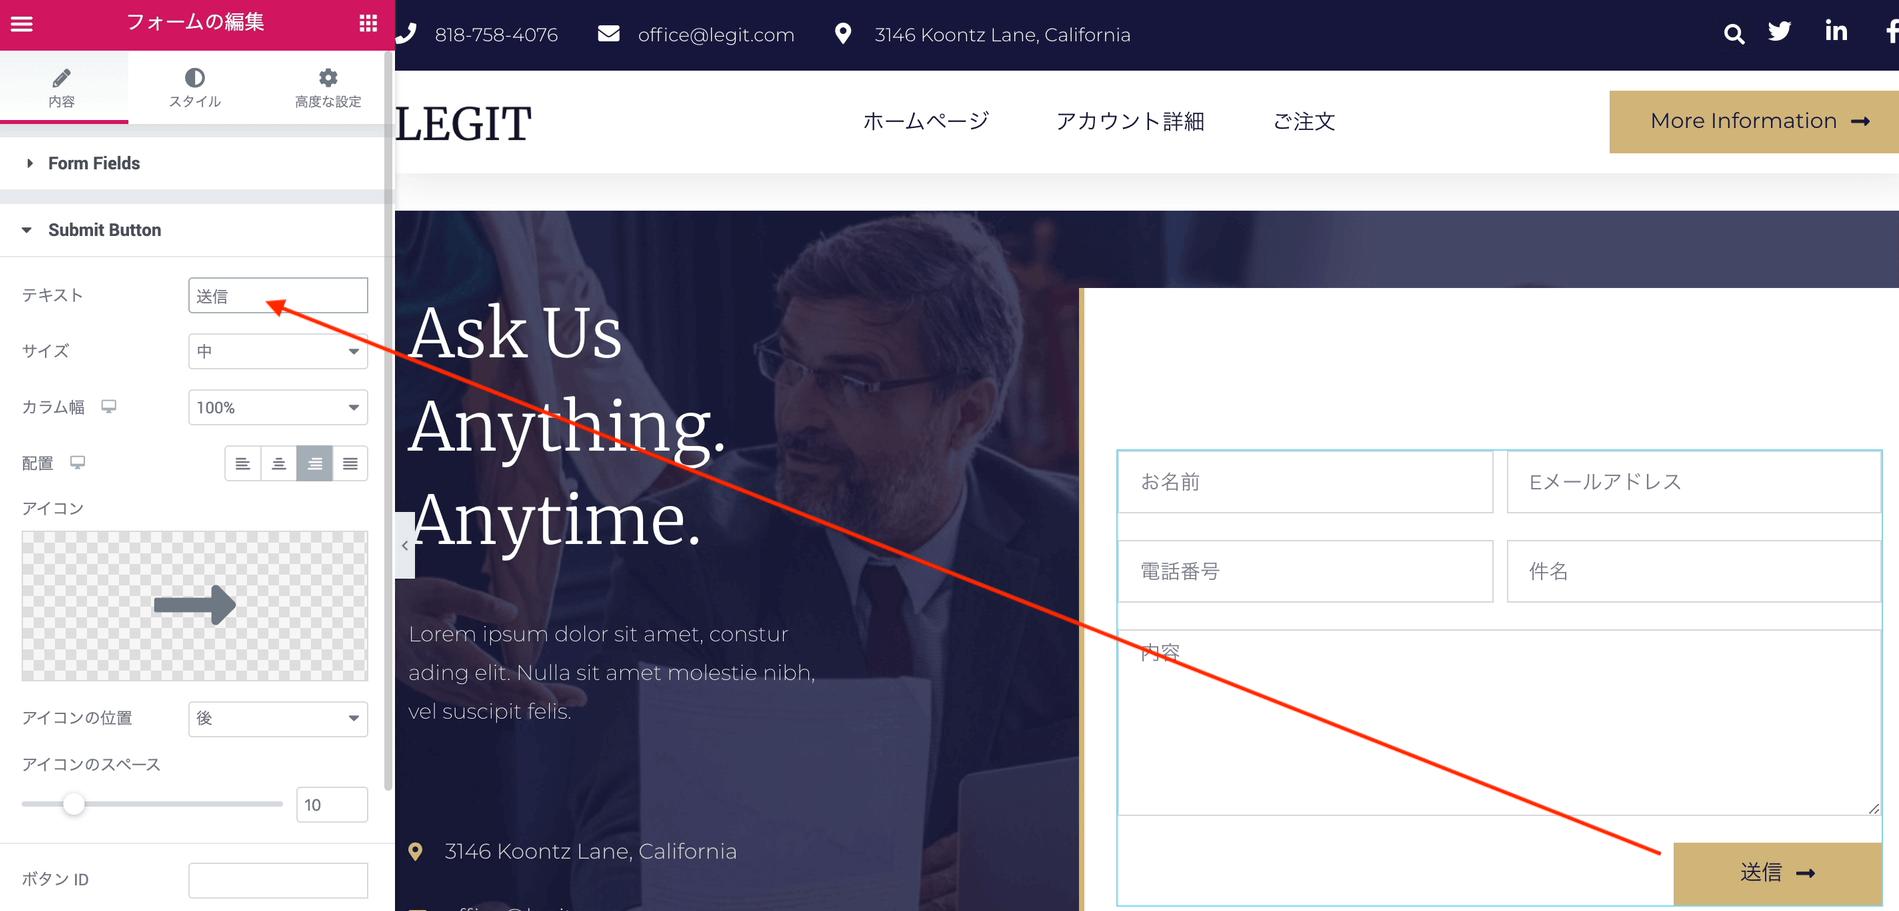 お問い合わせフォームの送信ボタンの文言を変更する